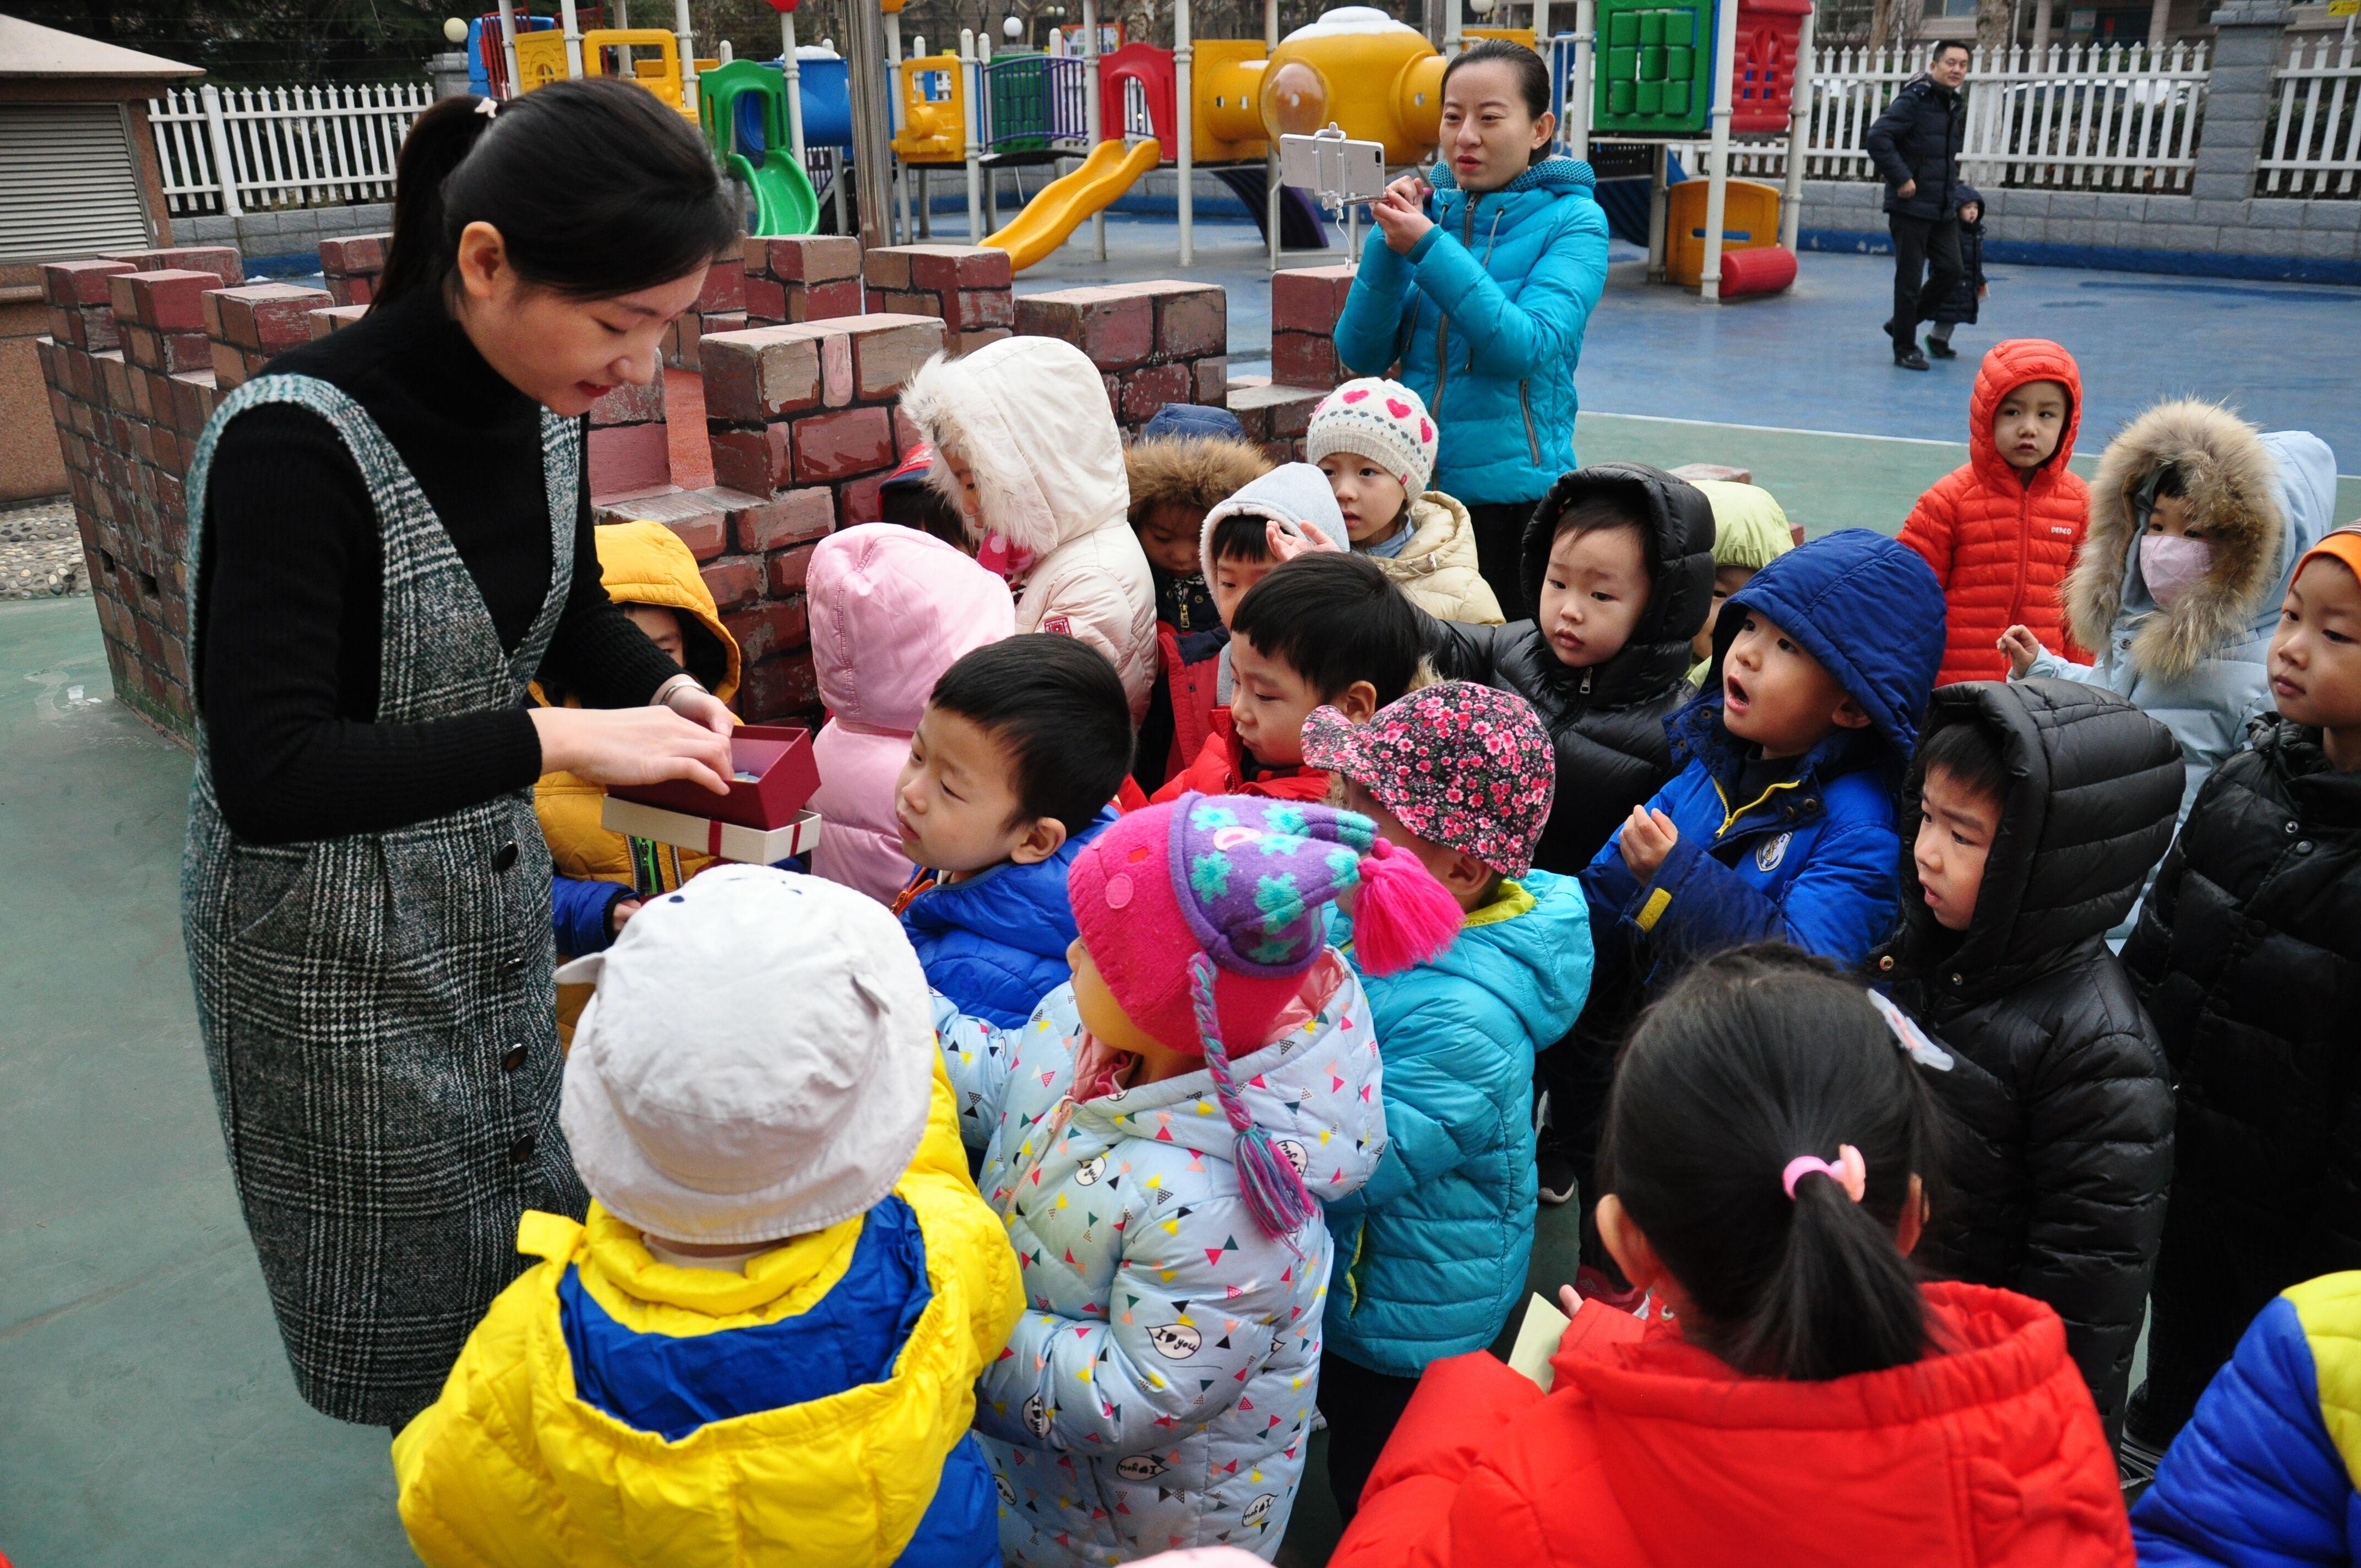 2岁女孩乖乖背书包上幼儿园,放学拉着栏杆不肯回家,网友:绝杀